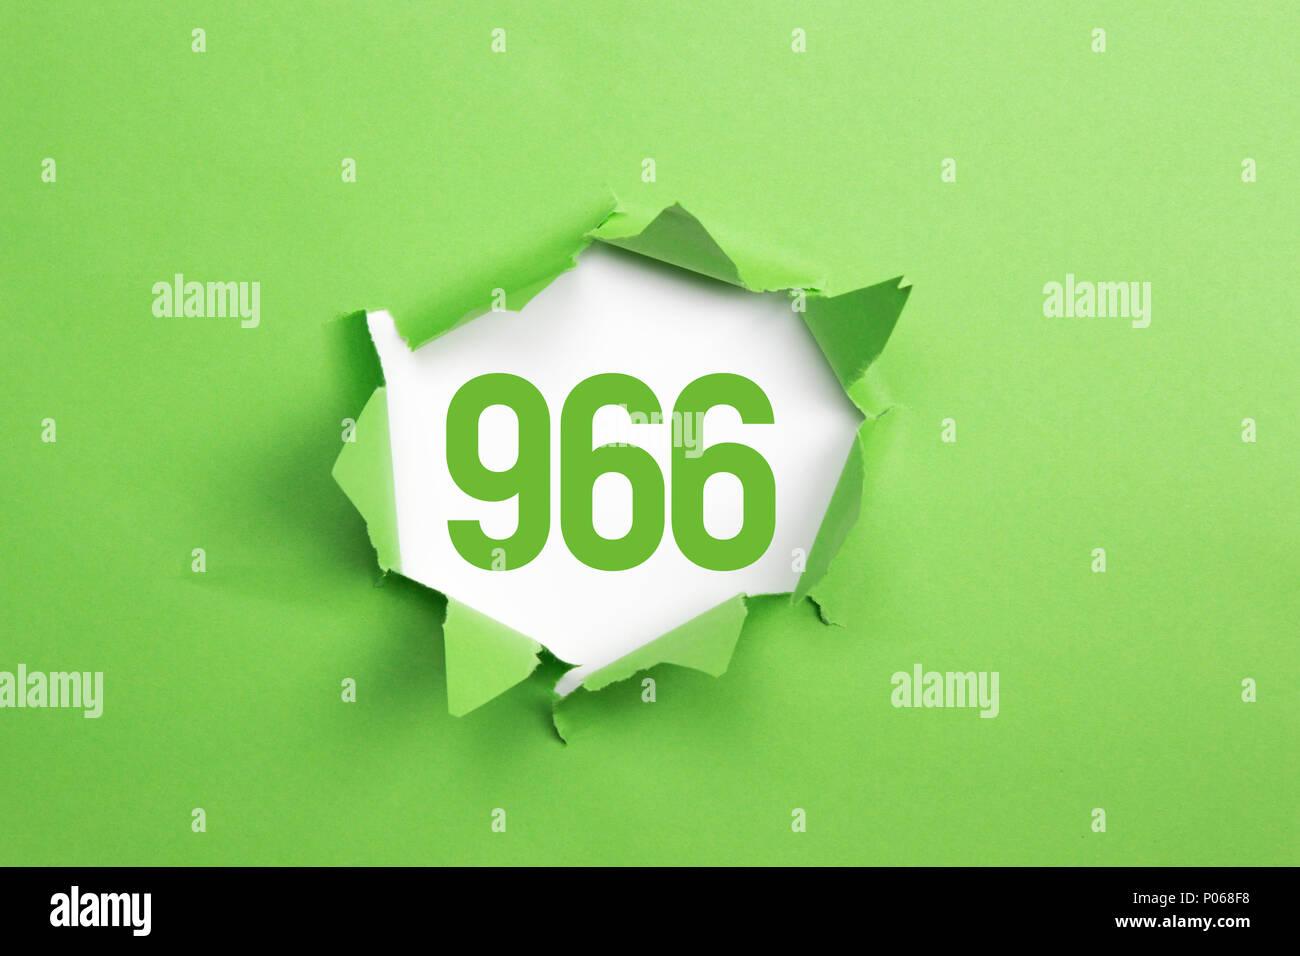 Numéro vert 966 vert sur fond de papier Photo Stock